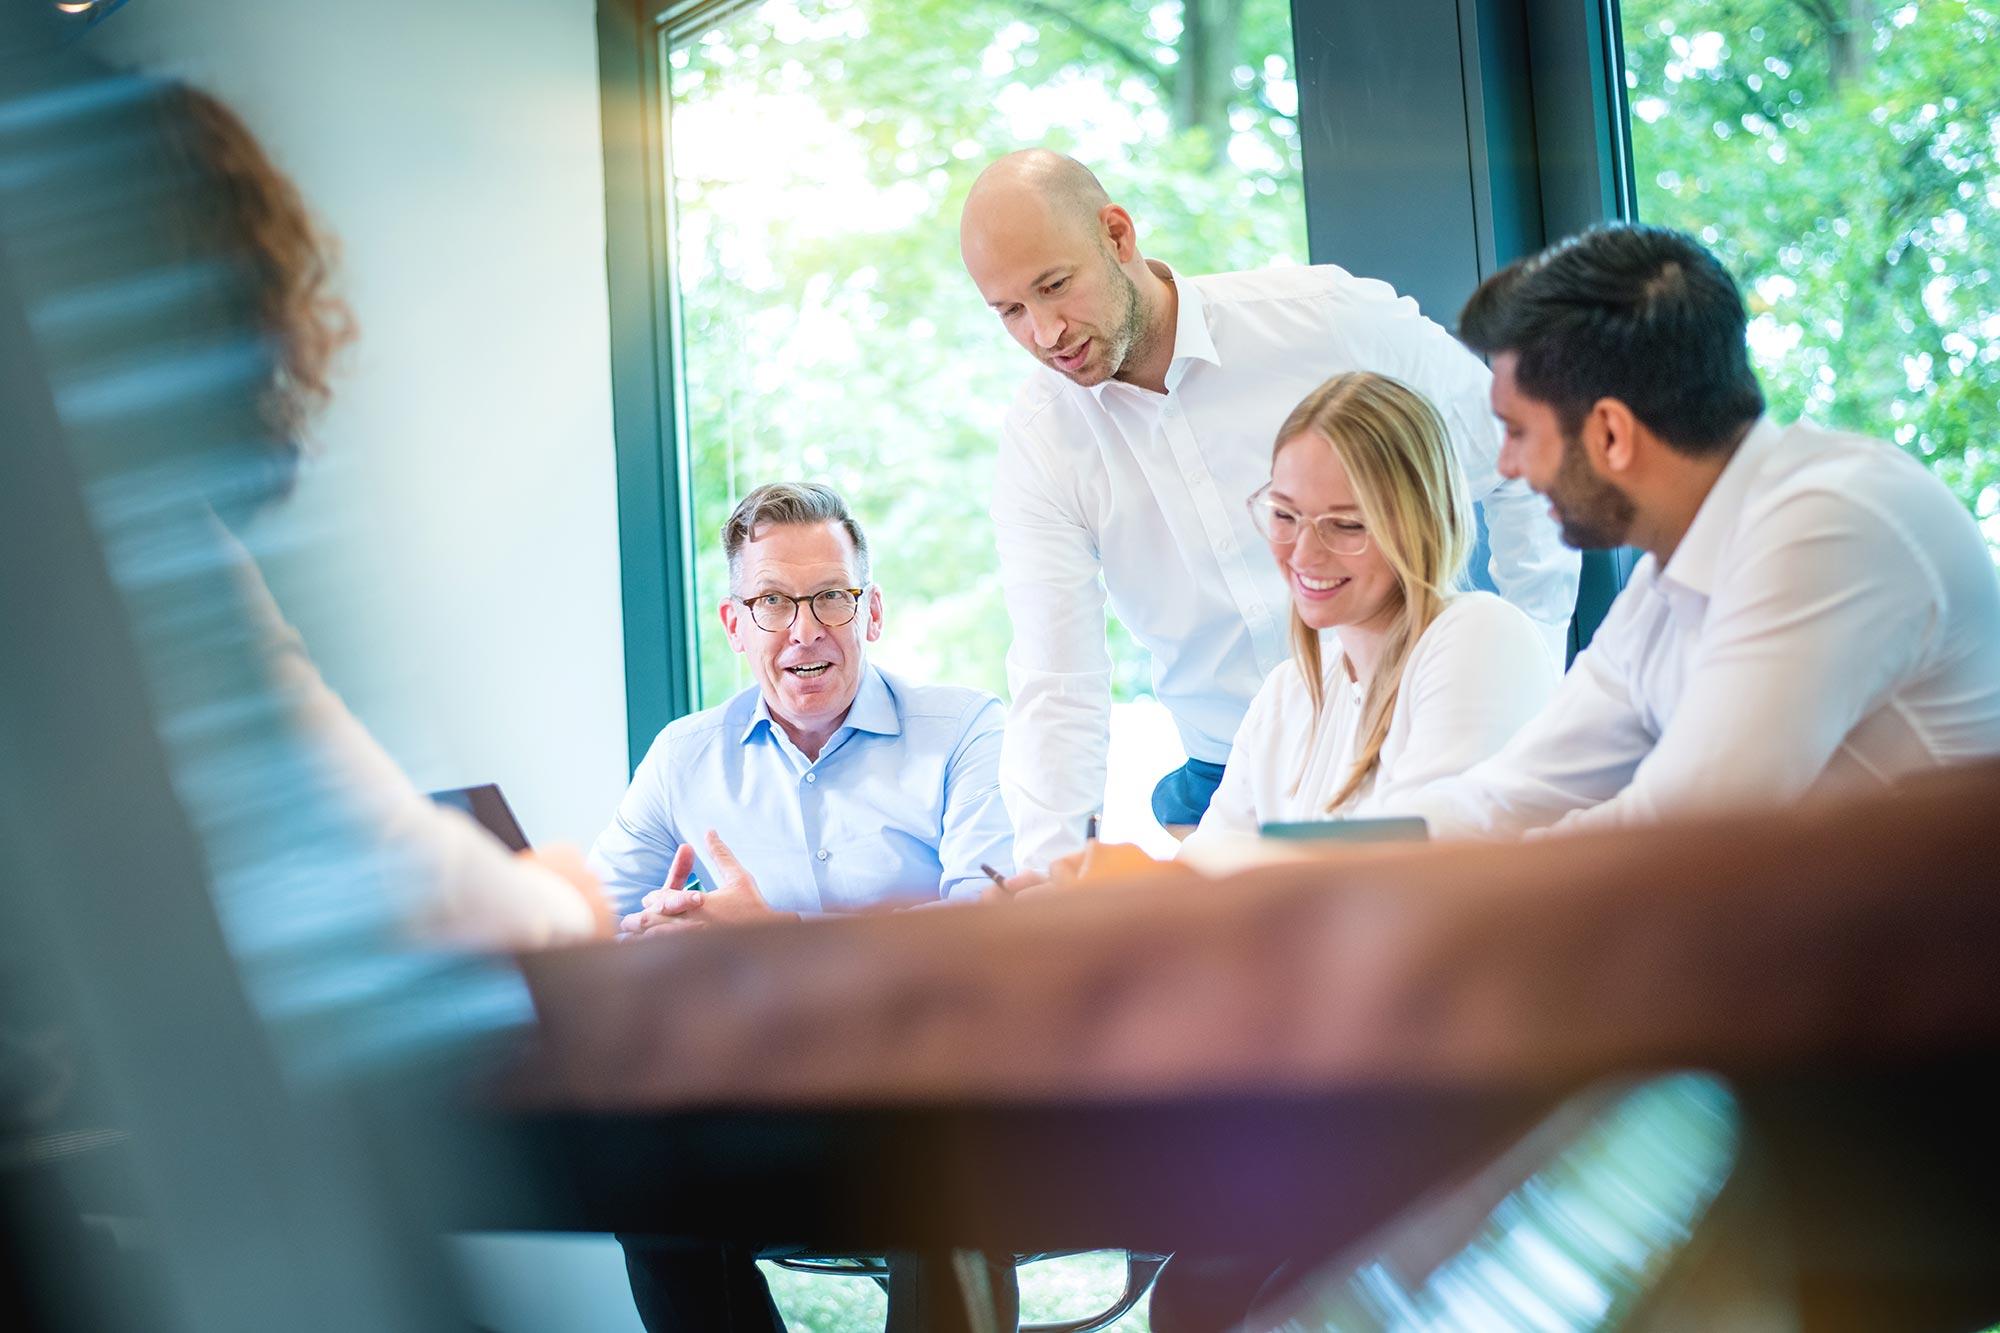 Santiago Advisors Beratungsagentur Imagemotive Businessfotografie Meetingraum Gruppen am Tisch bei Besprechung motiviert konzentriert